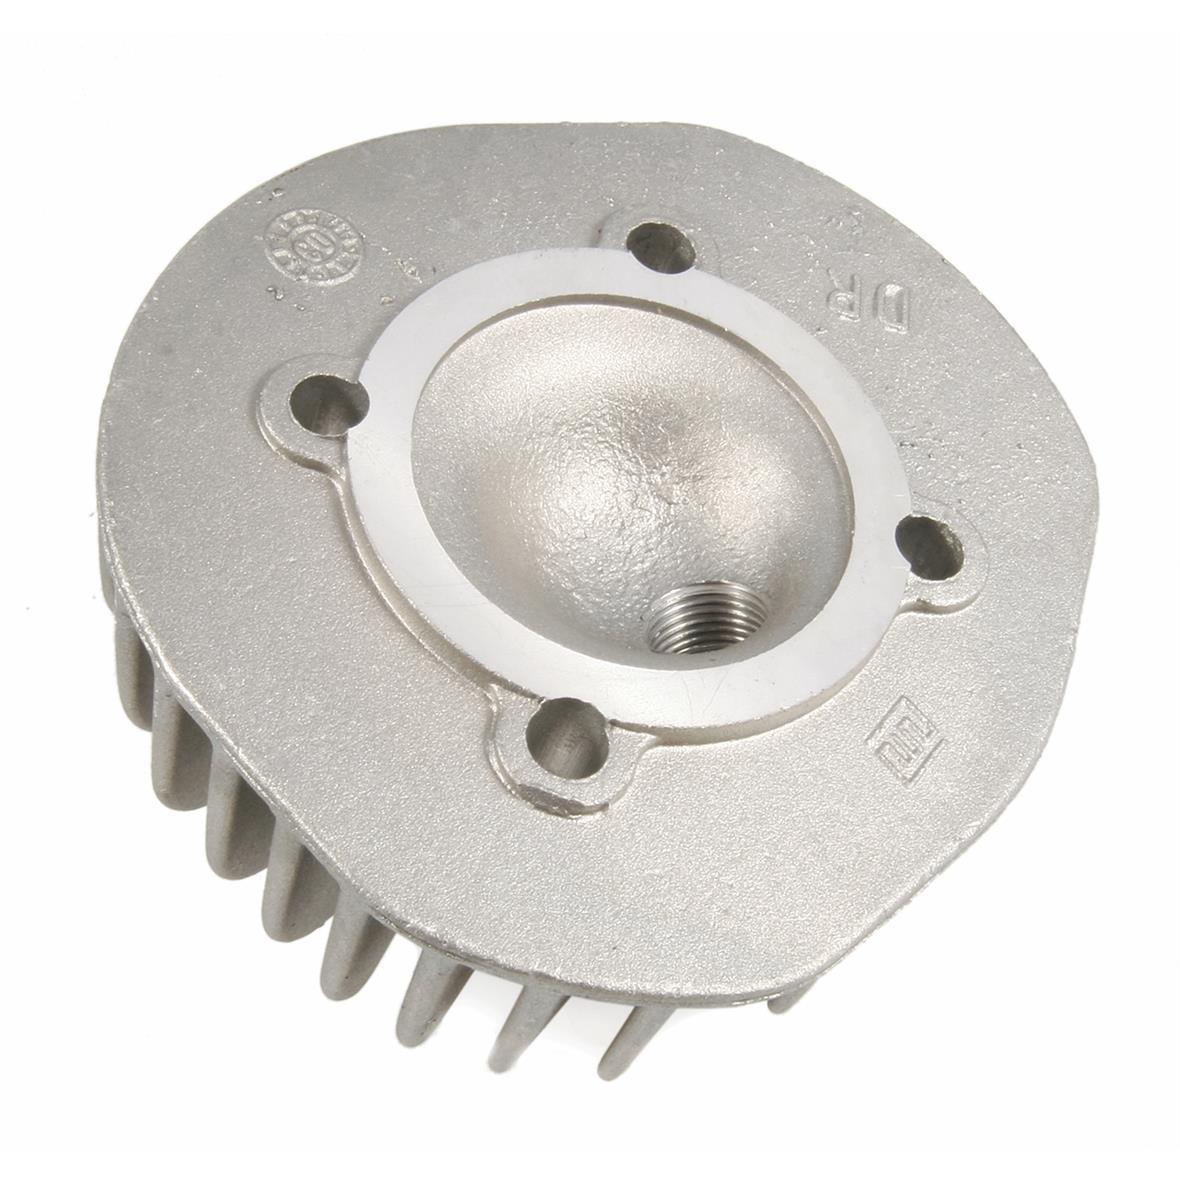 「シリンダーヘッド D.R. 75/85 cm³ 用途: 商品番号10005000/10005100/10011000/10006000/10006100Title」の製品画像